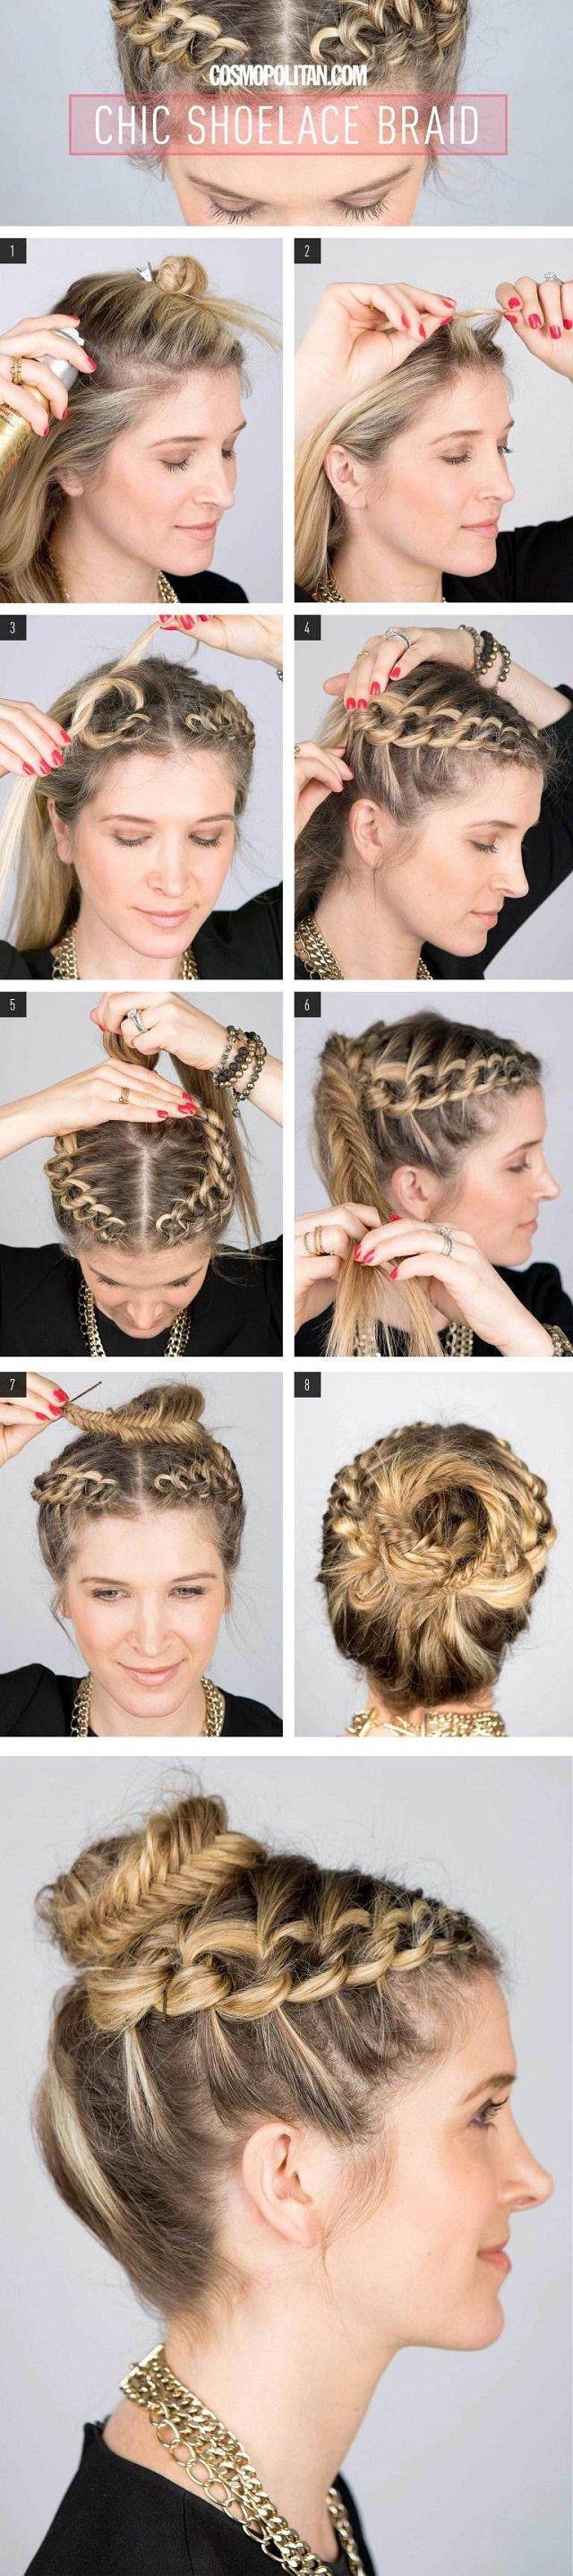 Cute-Shoelace-Braid-DIY-Hairstyle